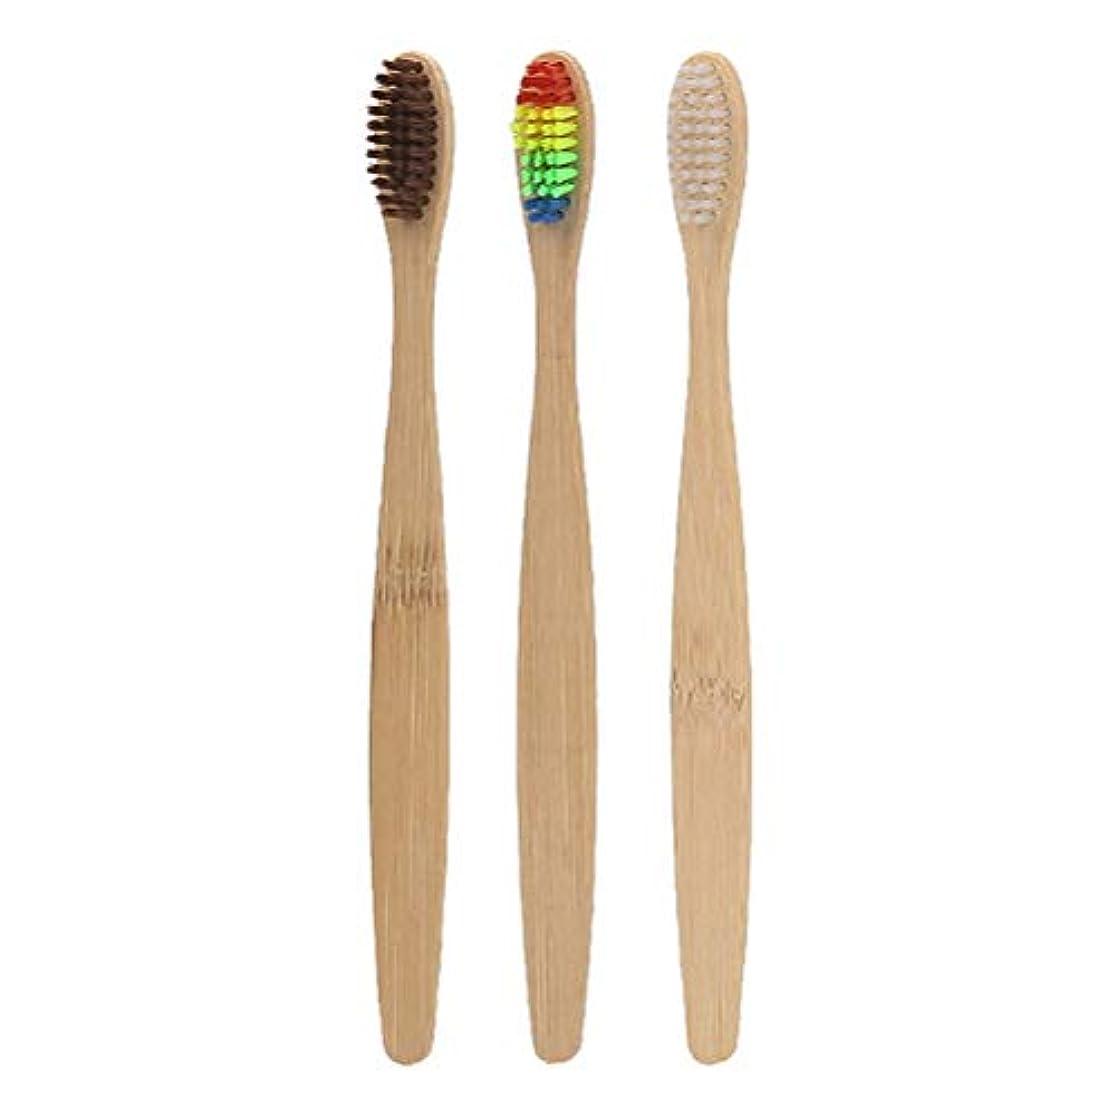 あごひげフェザー毎週Healifty 環境に優しい竹製の歯ブラシ3本の柔らかい環境に優しい竹製の歯ブラシ男性用女性